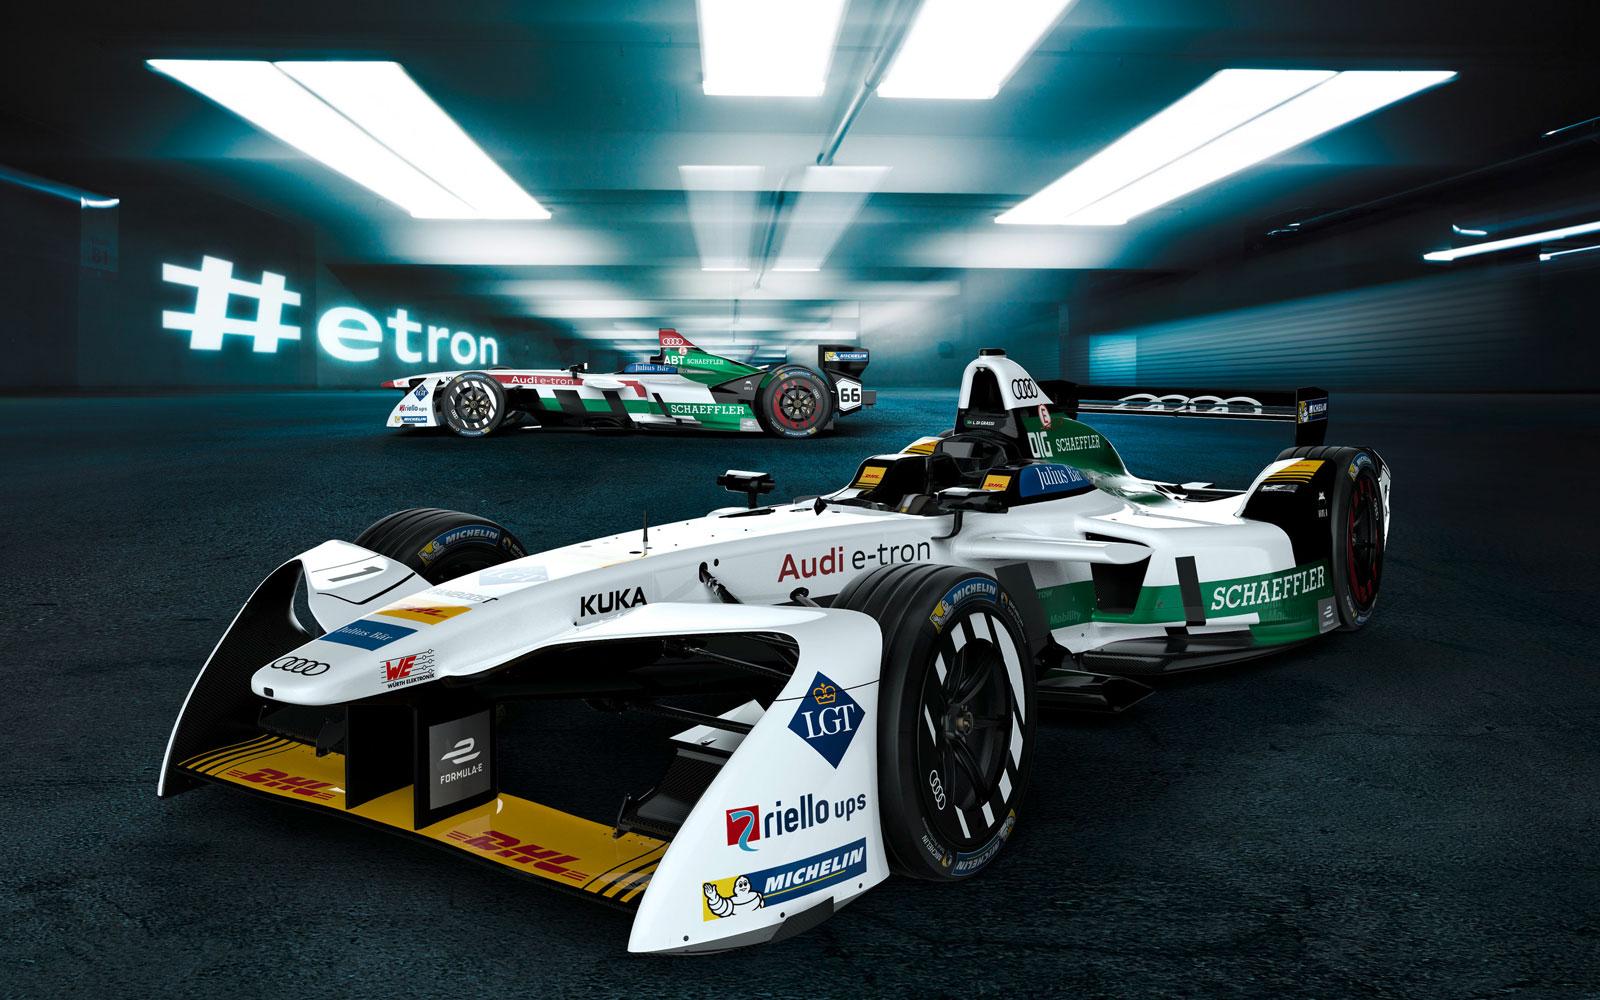 Audi se apunta a las carreras de Fórmula E con un monoplaza innovador